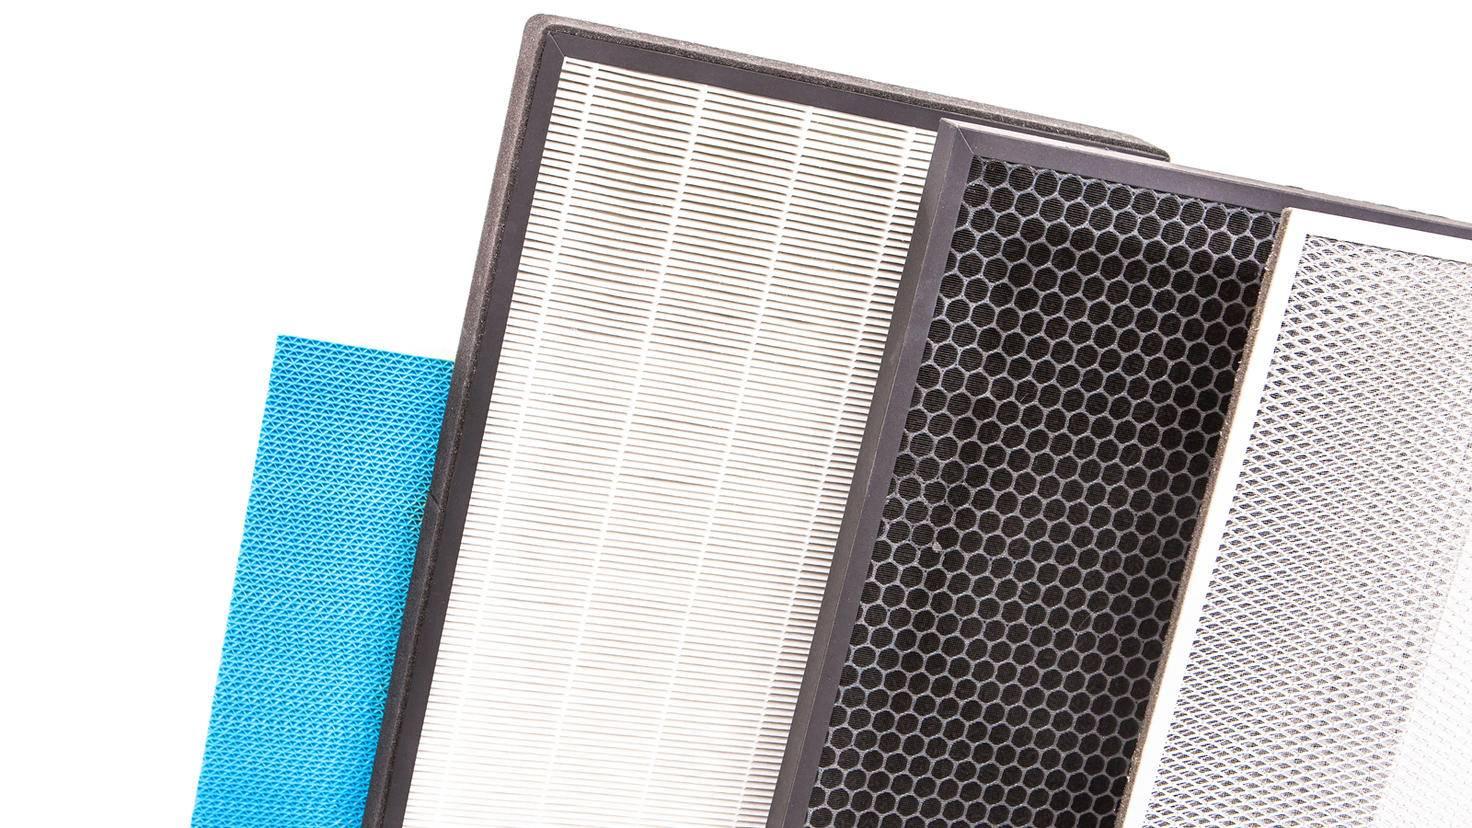 Luftreiniger-Filter-Hepa-Aktivkohle-Vorfilter-Grispb-AdobeStock_250936696